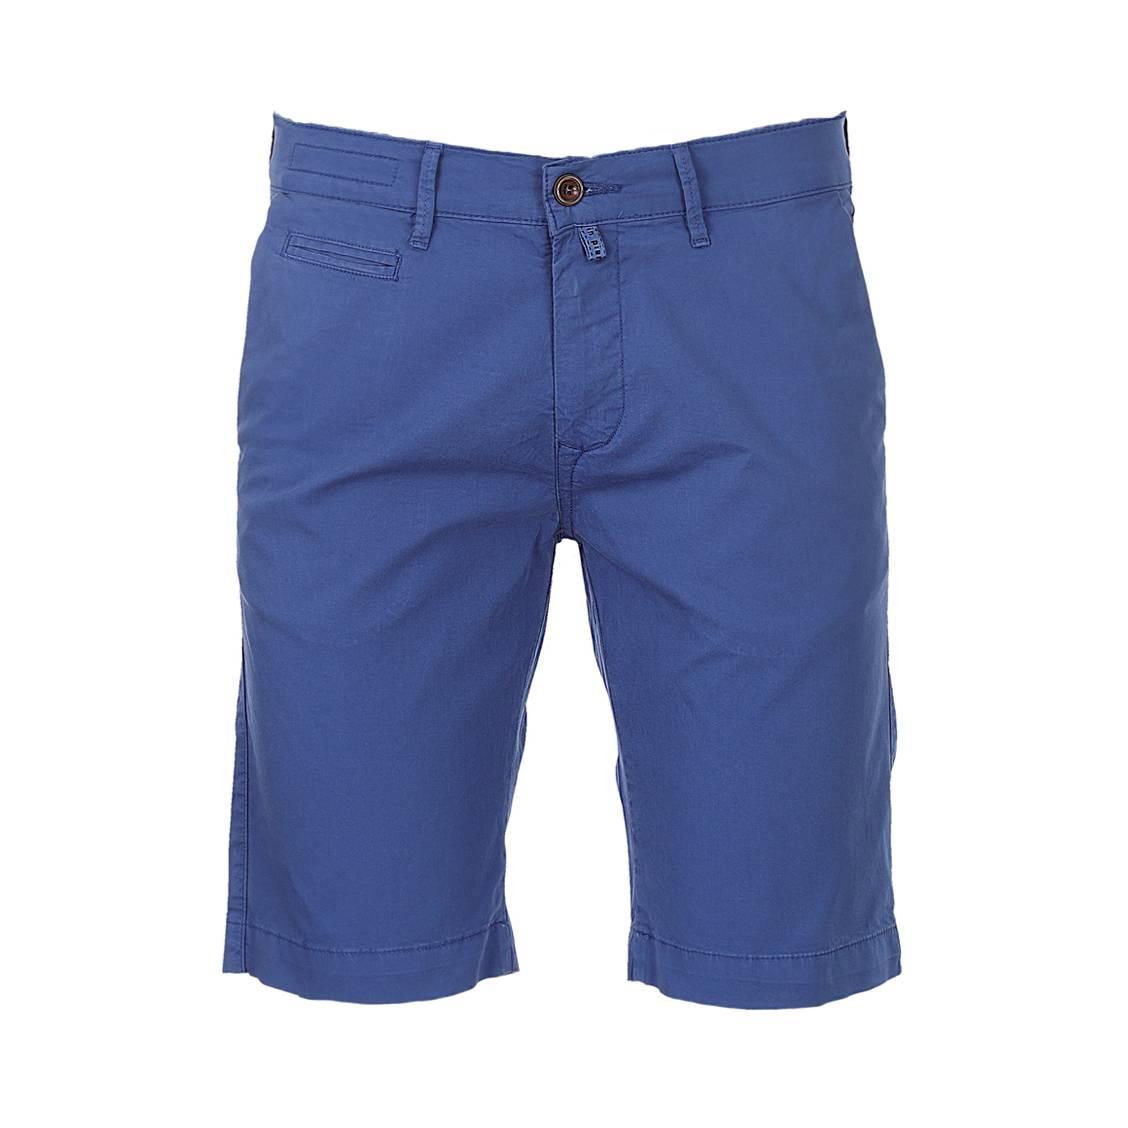 Short chino  lyon en coton stretch bleu indigo